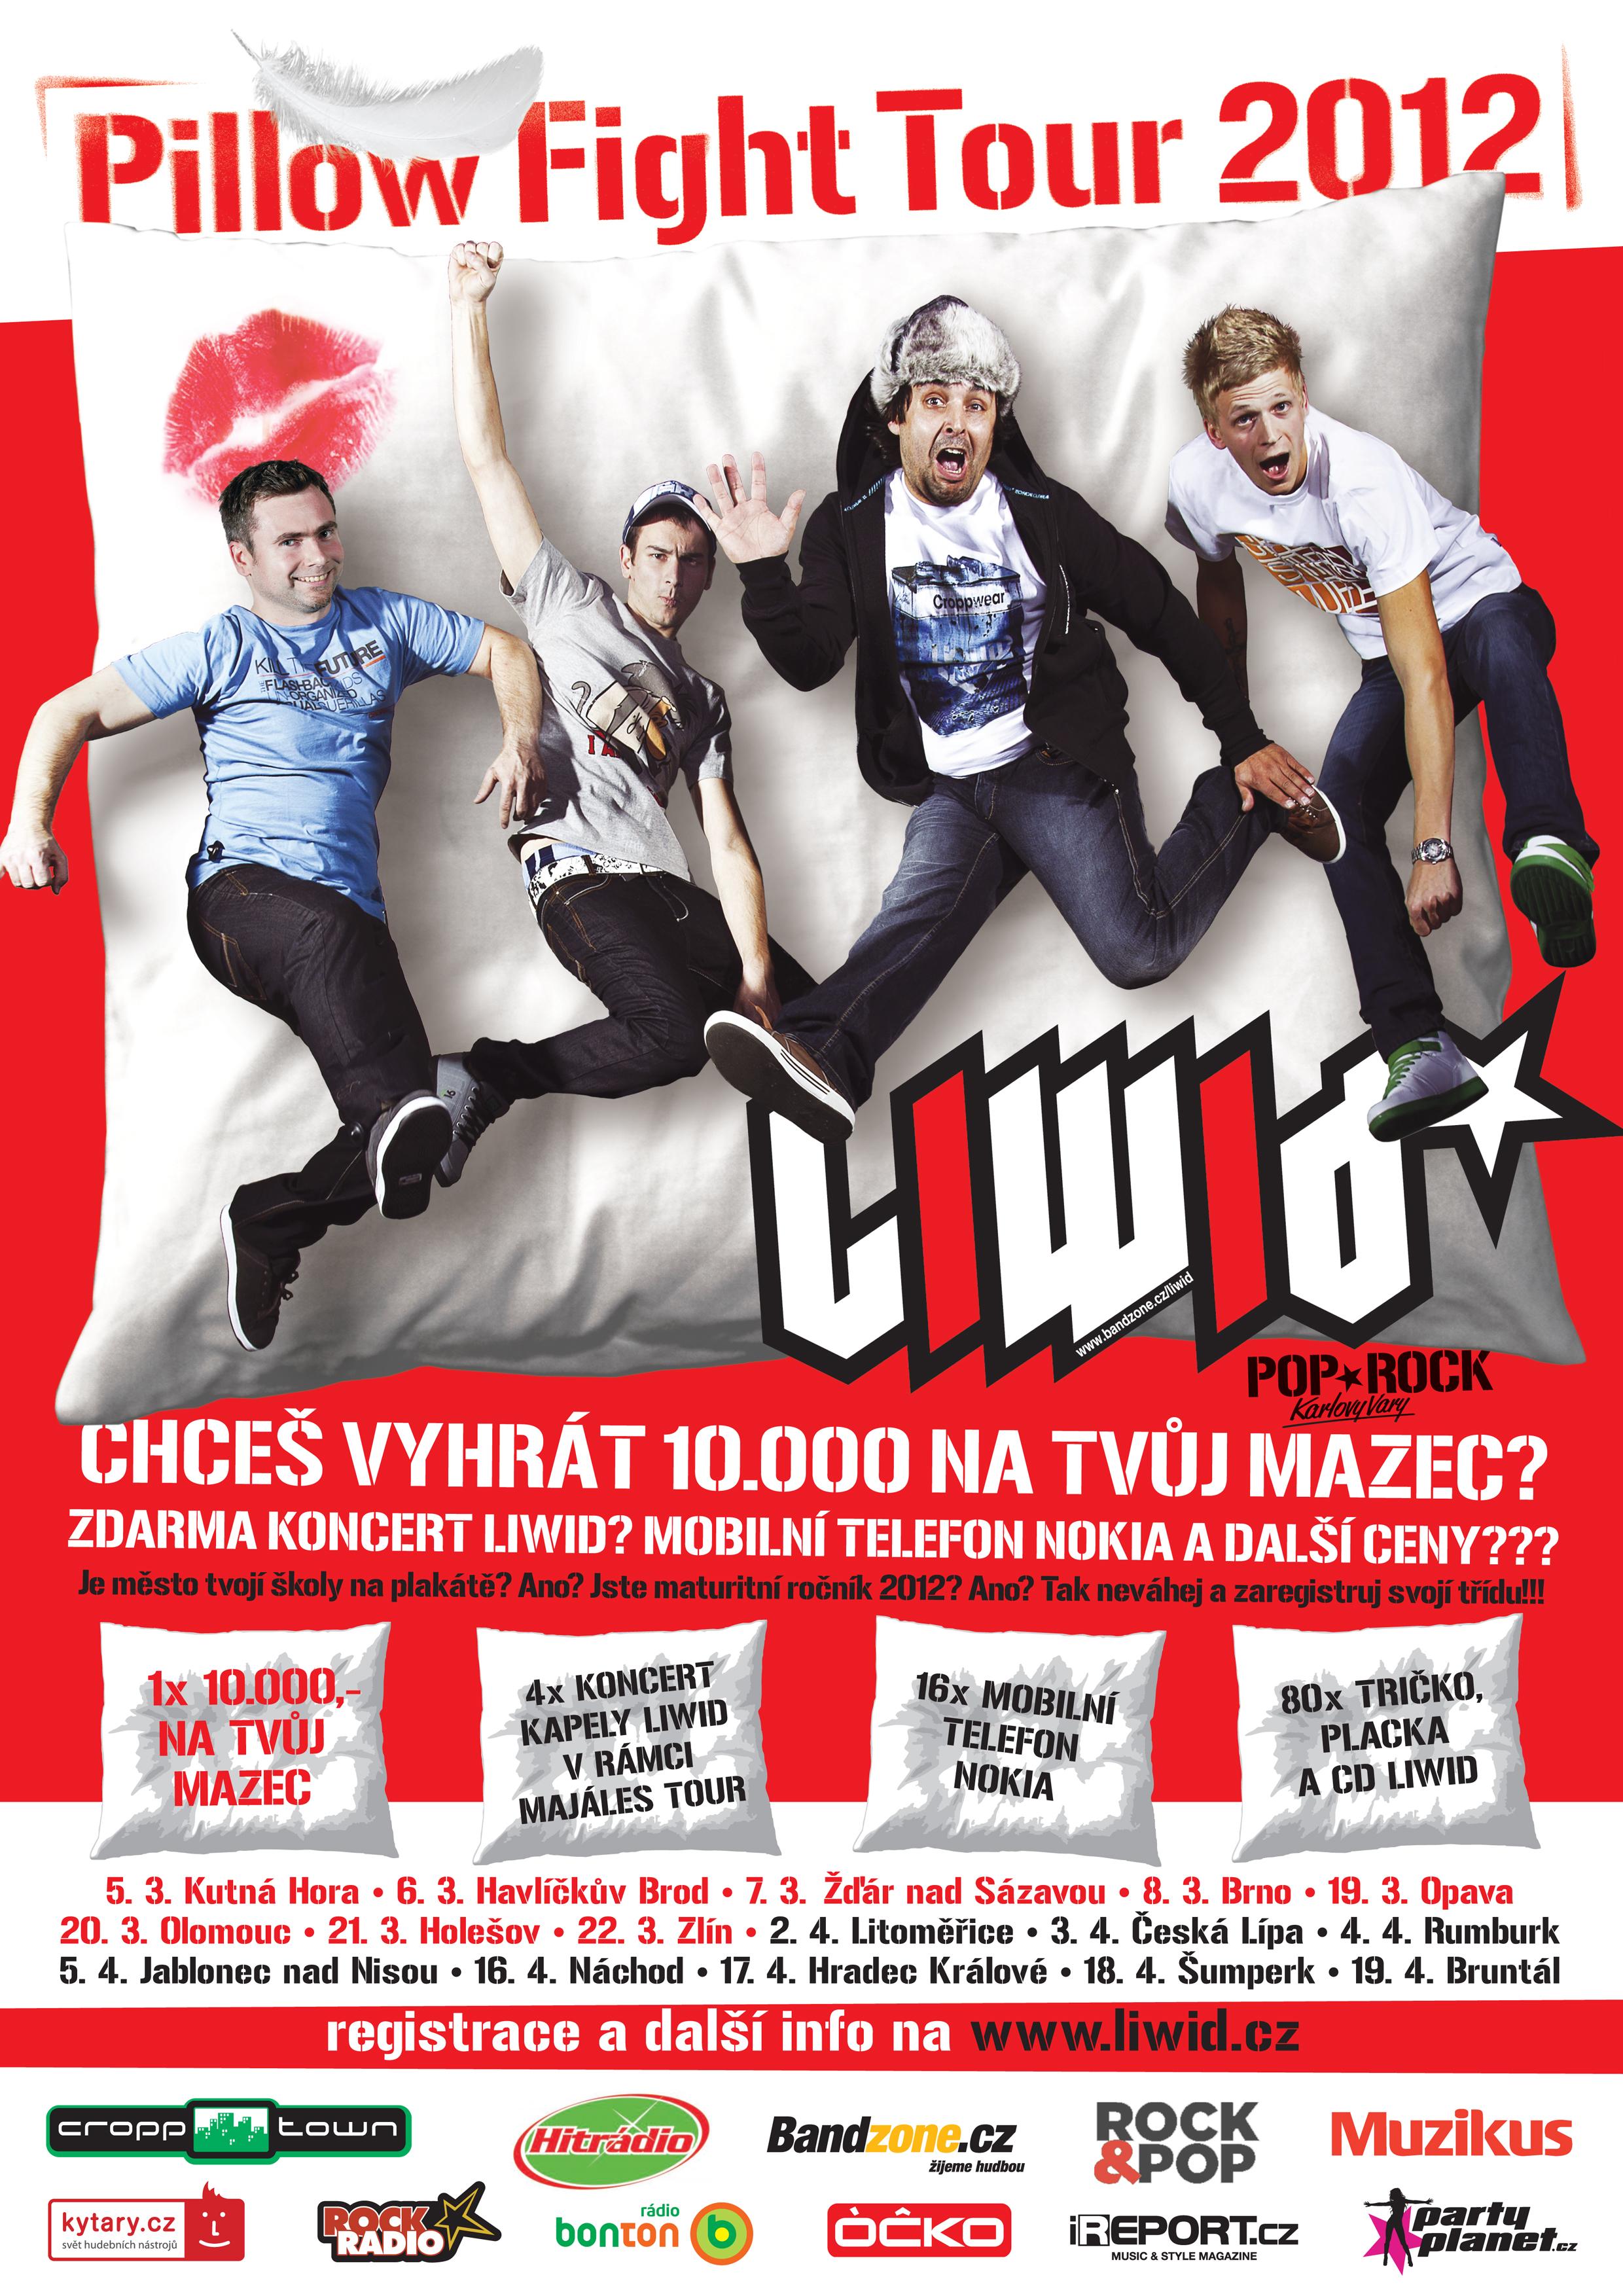 Liwid chystají turné po školách, dojde i na polštářovou bitvu